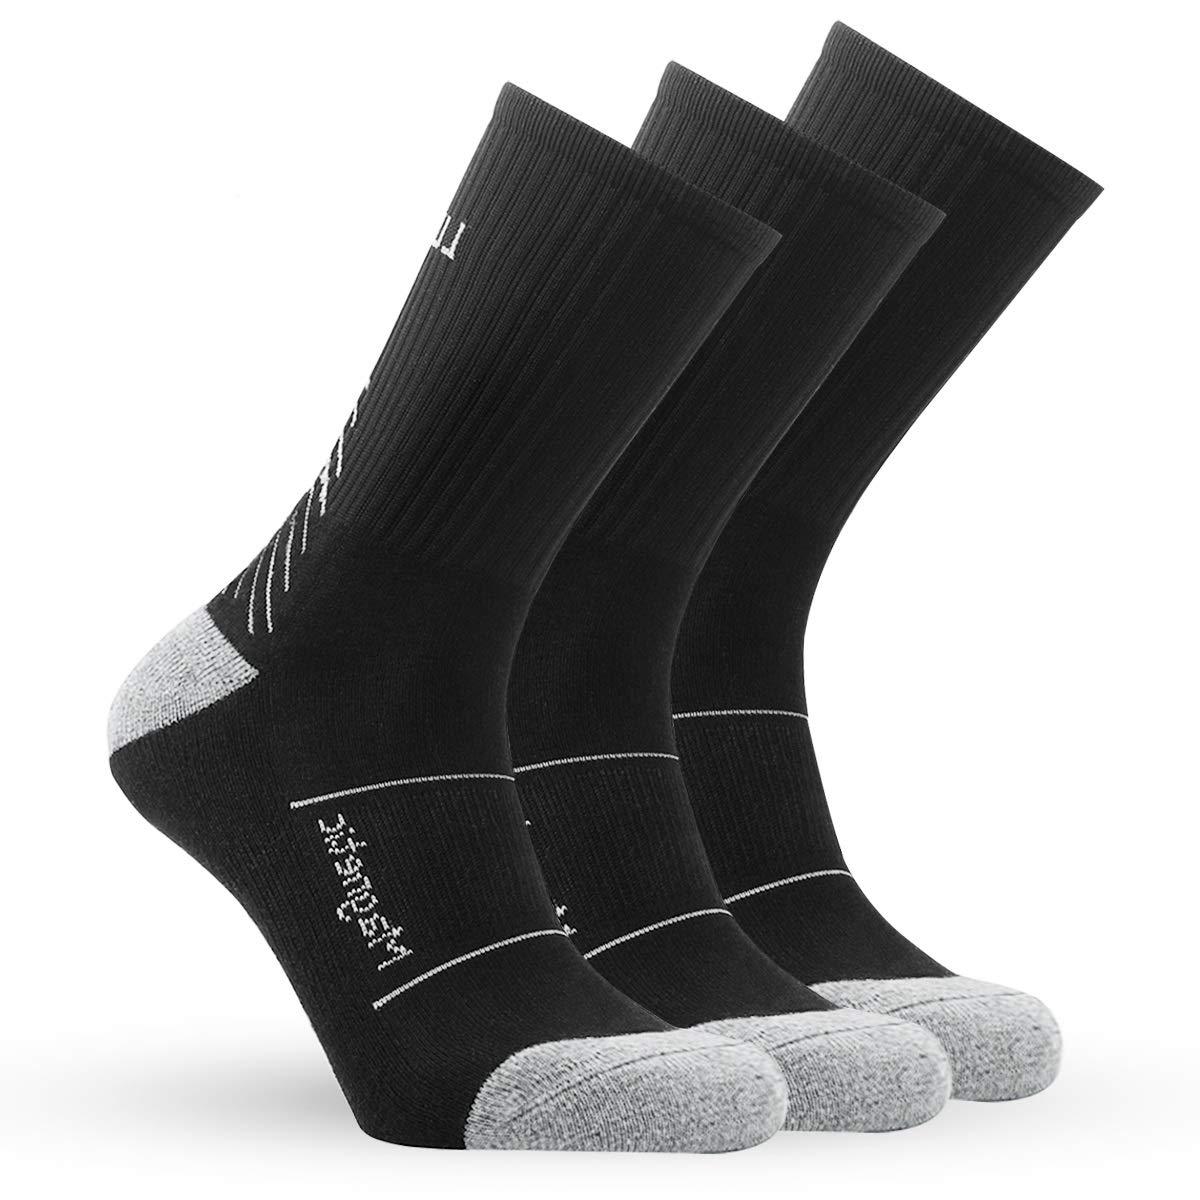 IMITOR Calcetines de Senderismo para Hombre y Mujere Algodón Transpirable Calcetines de Trekking Calcetines Térmicos para Actividades al Aire Libre ...